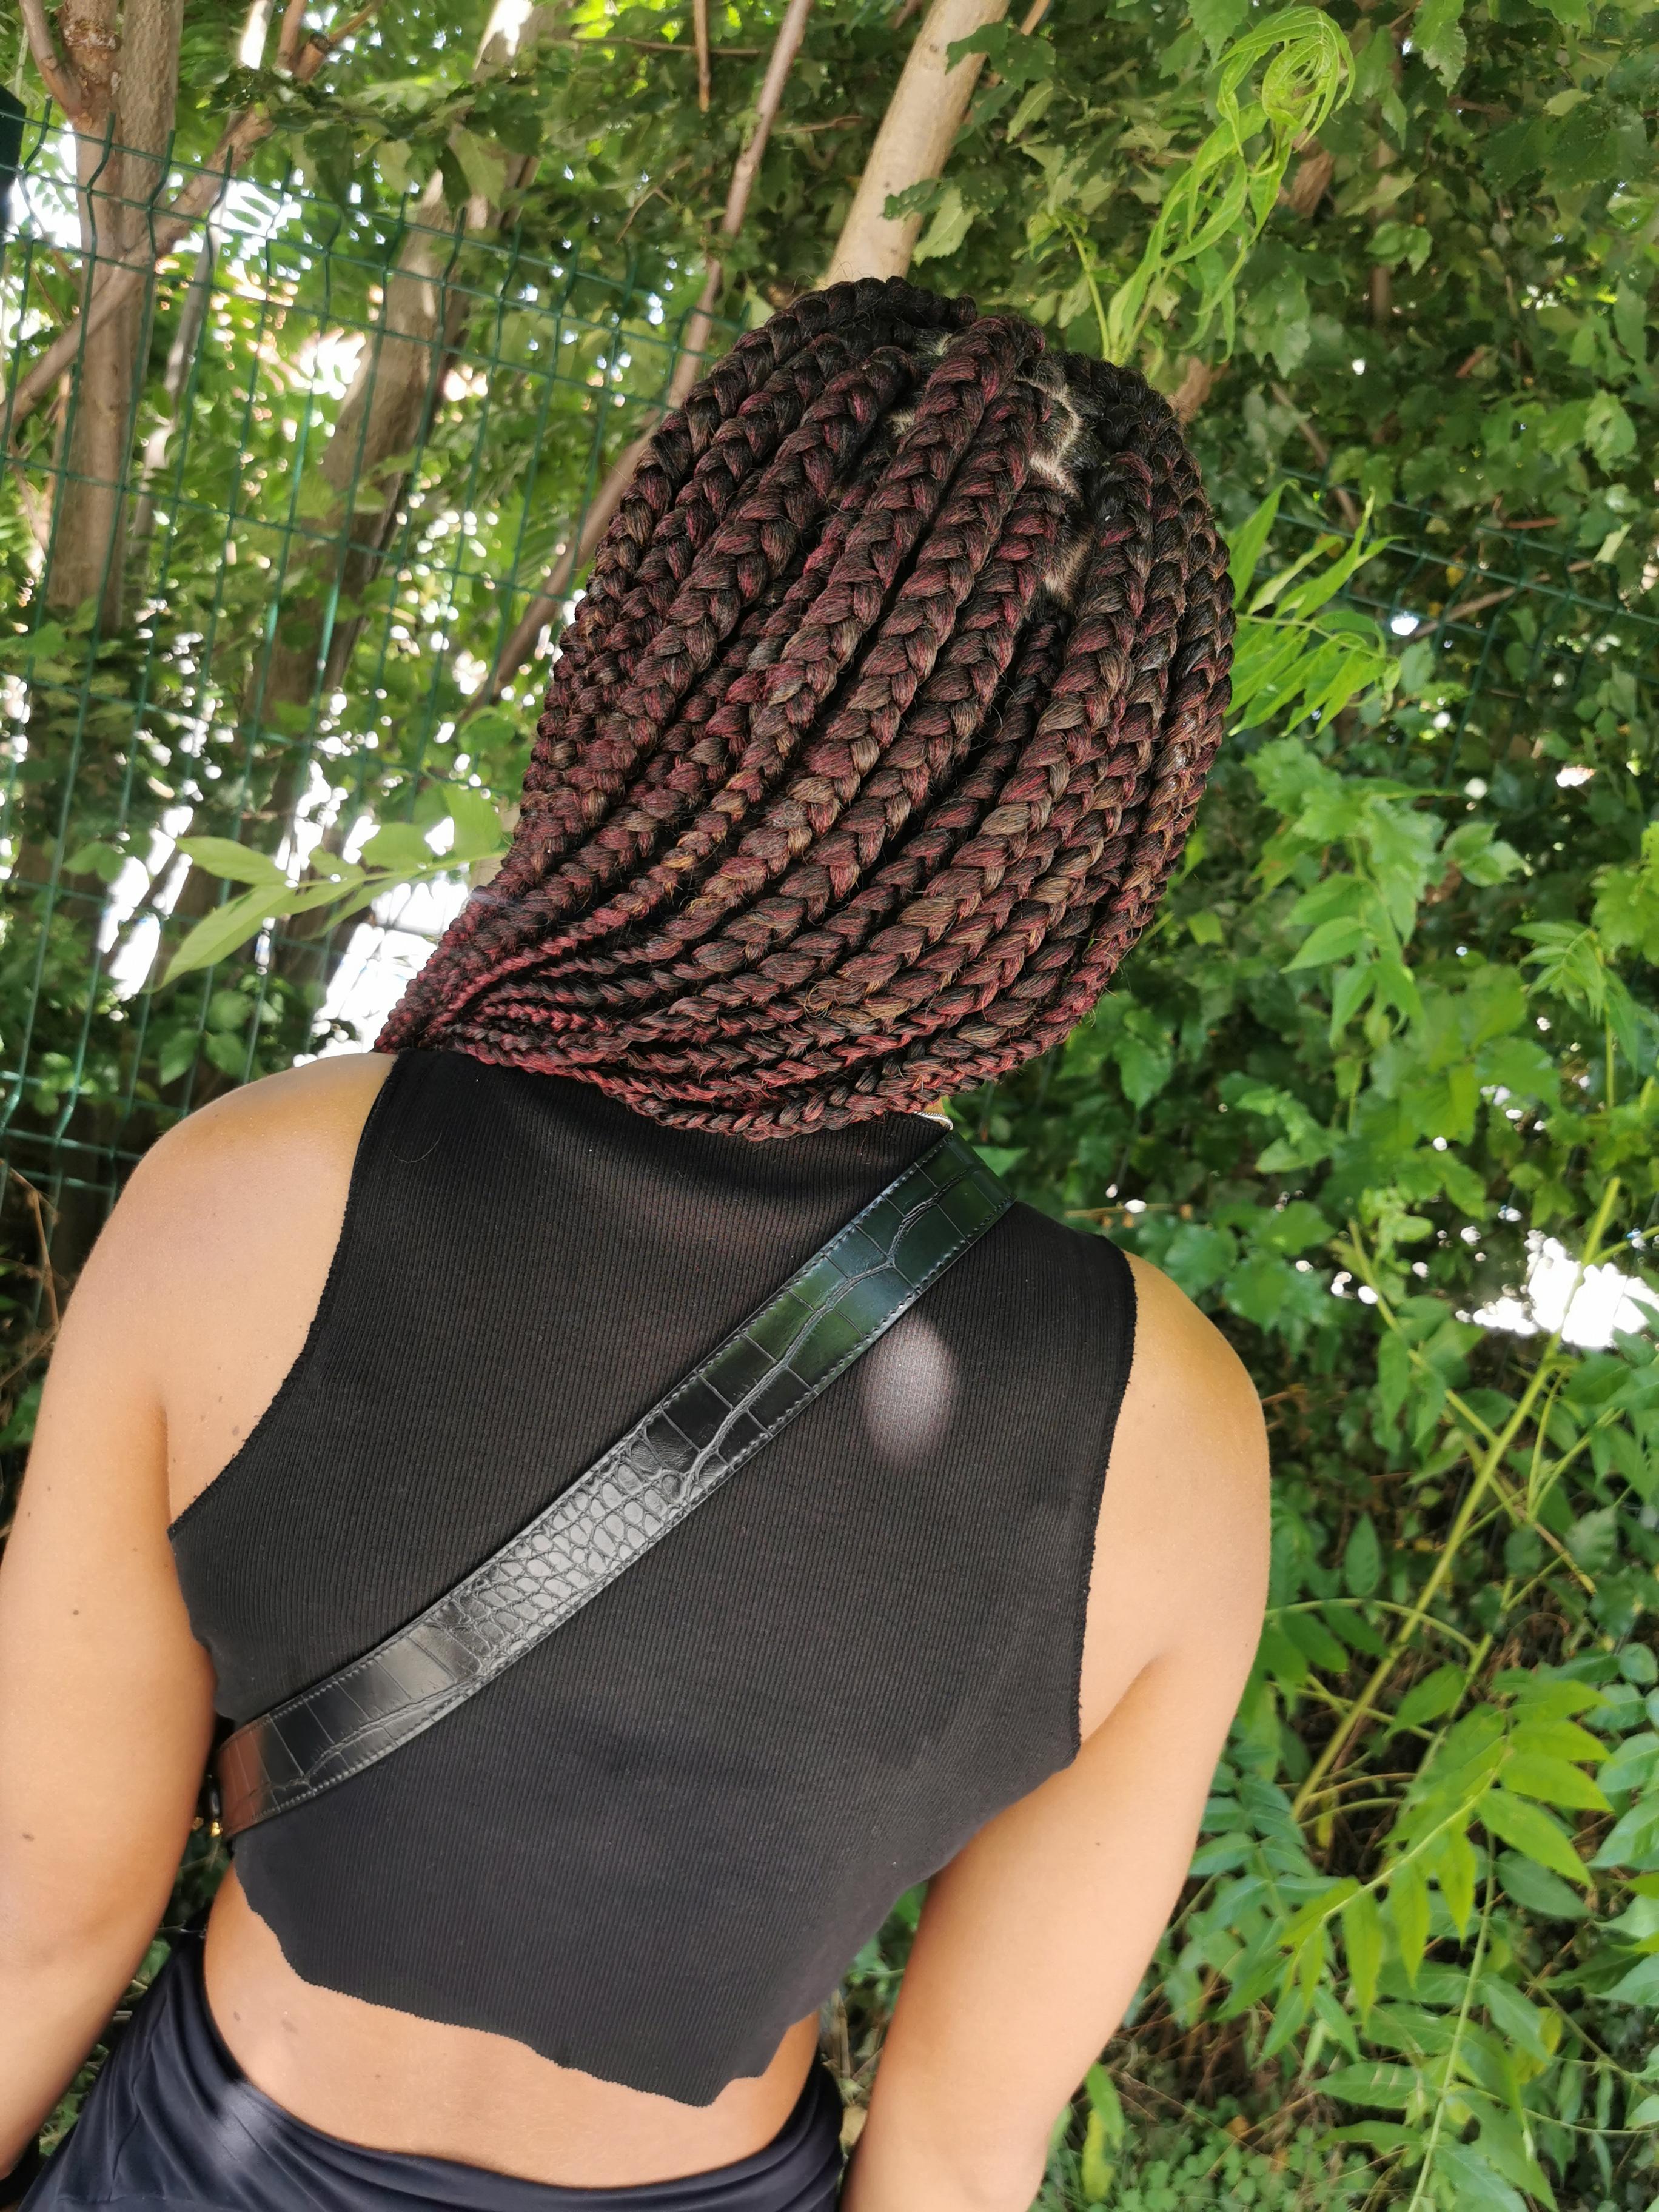 salon de coiffure afro tresse tresses box braids crochet braids vanilles tissages paris 75 77 78 91 92 93 94 95 XAAFNJRT